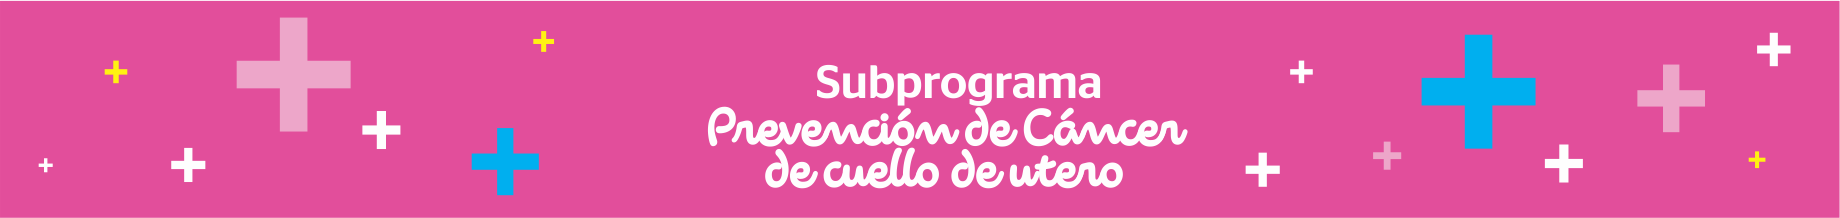 Subprograma – Prevención de cáncer de cuello de útero